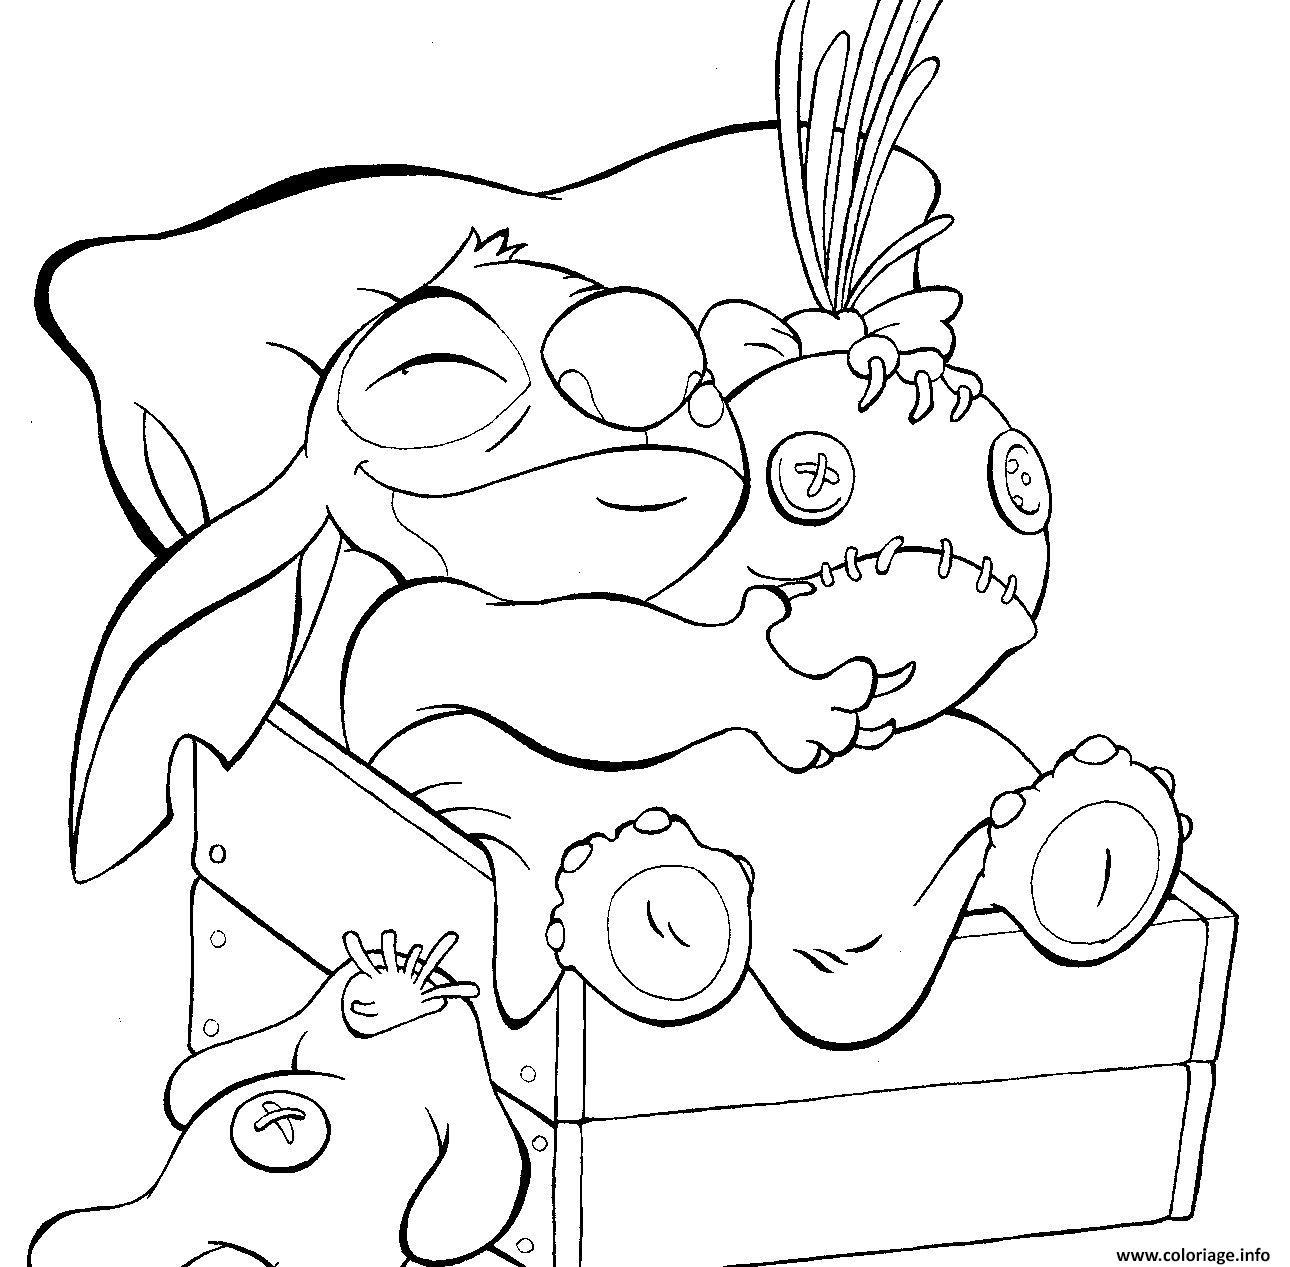 Dessin stitch veut dormir disney Coloriage Gratuit à Imprimer